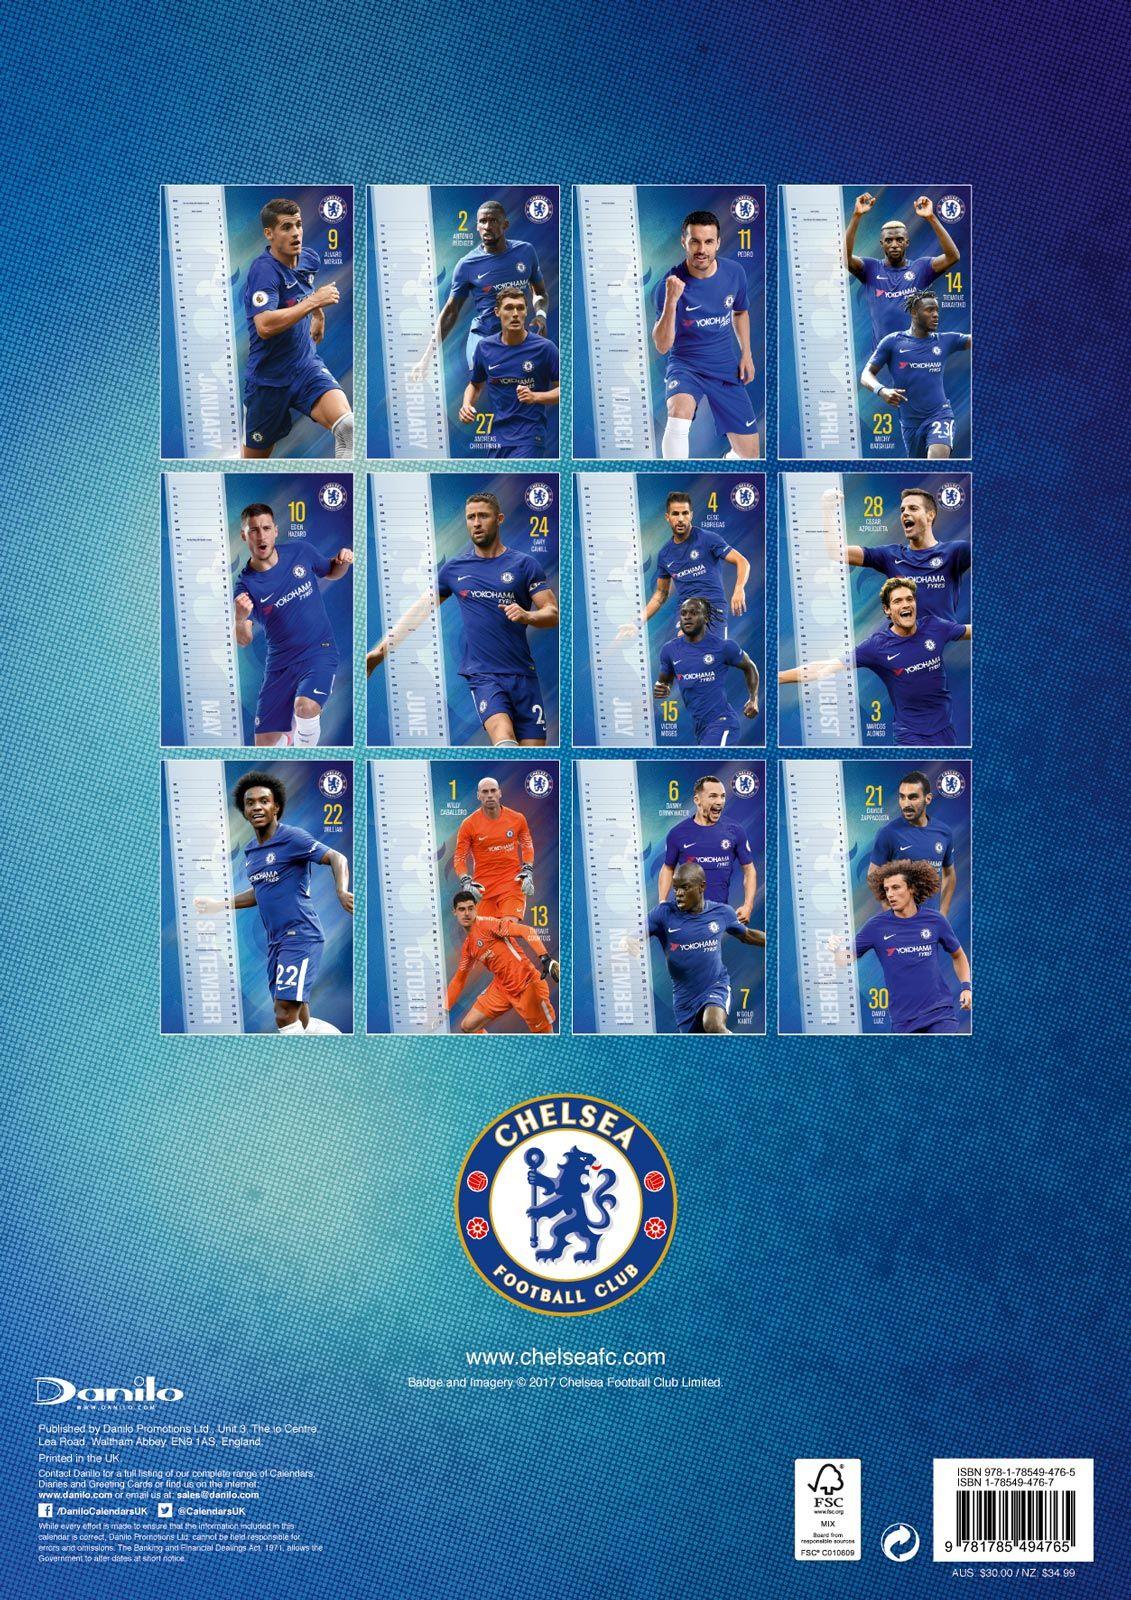 18c37a33a44f Kalendarz 2018 Chelsea FC  Kalendarz naścienny z klubem Chelsea na 2018 rok